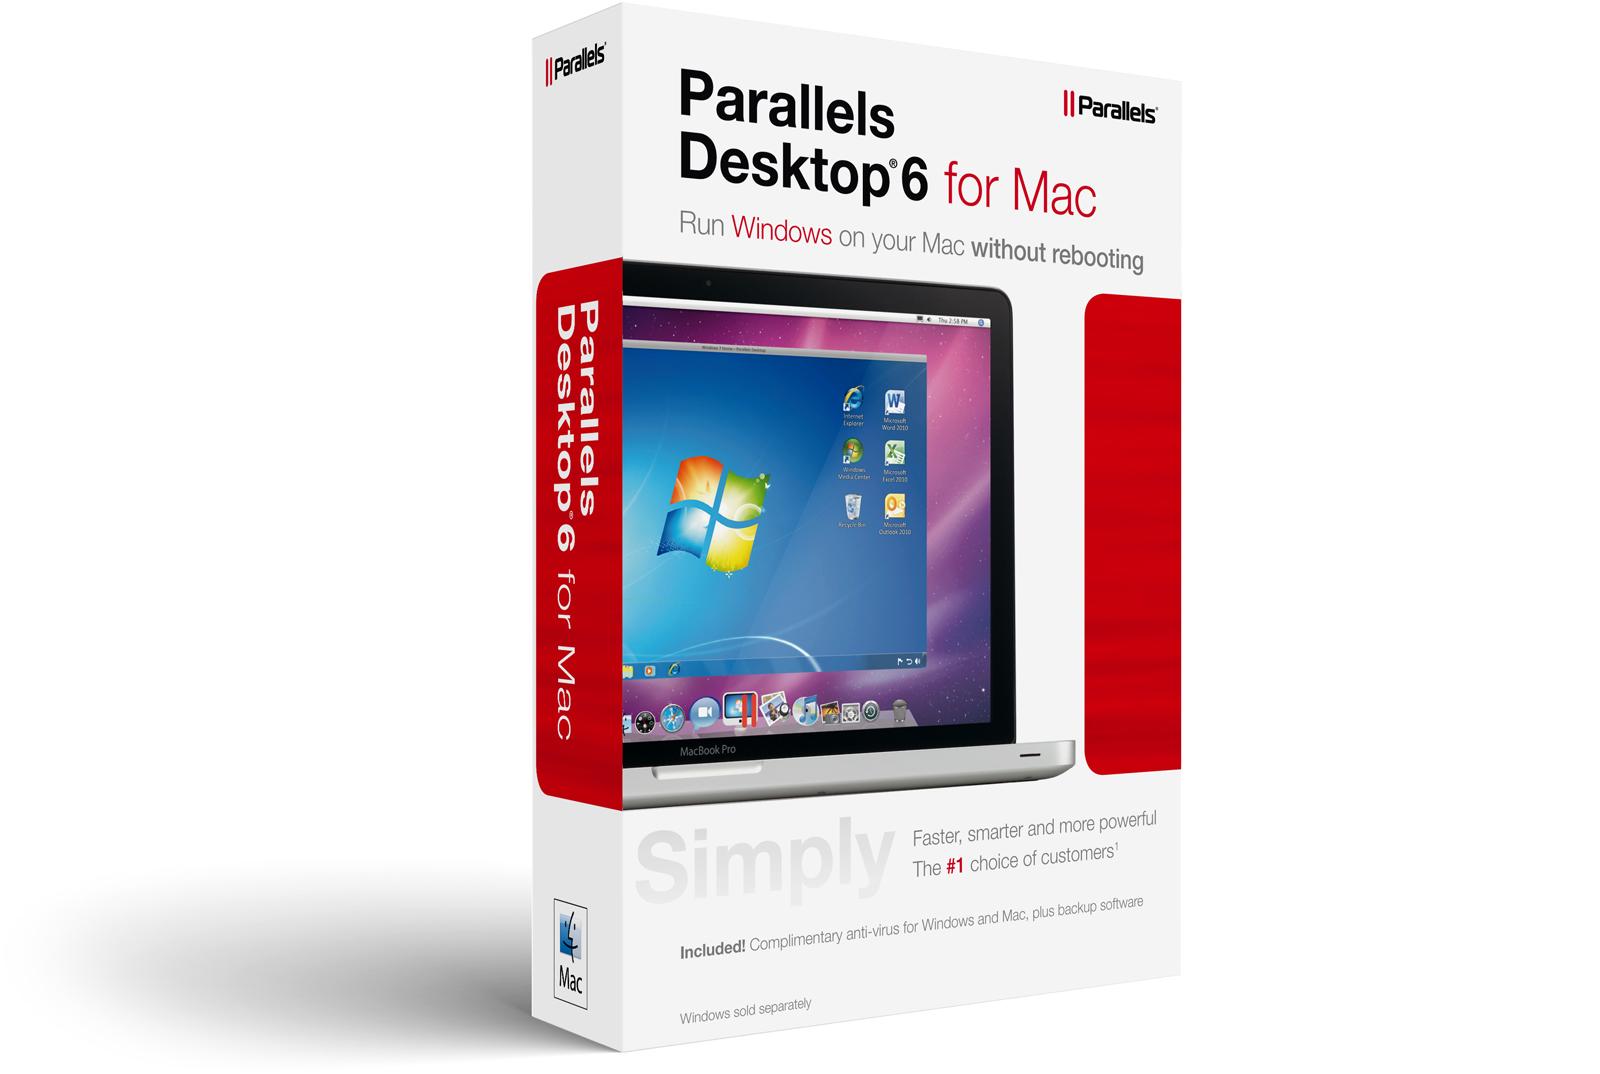 Caixa em inglês do Parallels Desktop 6 para Mac